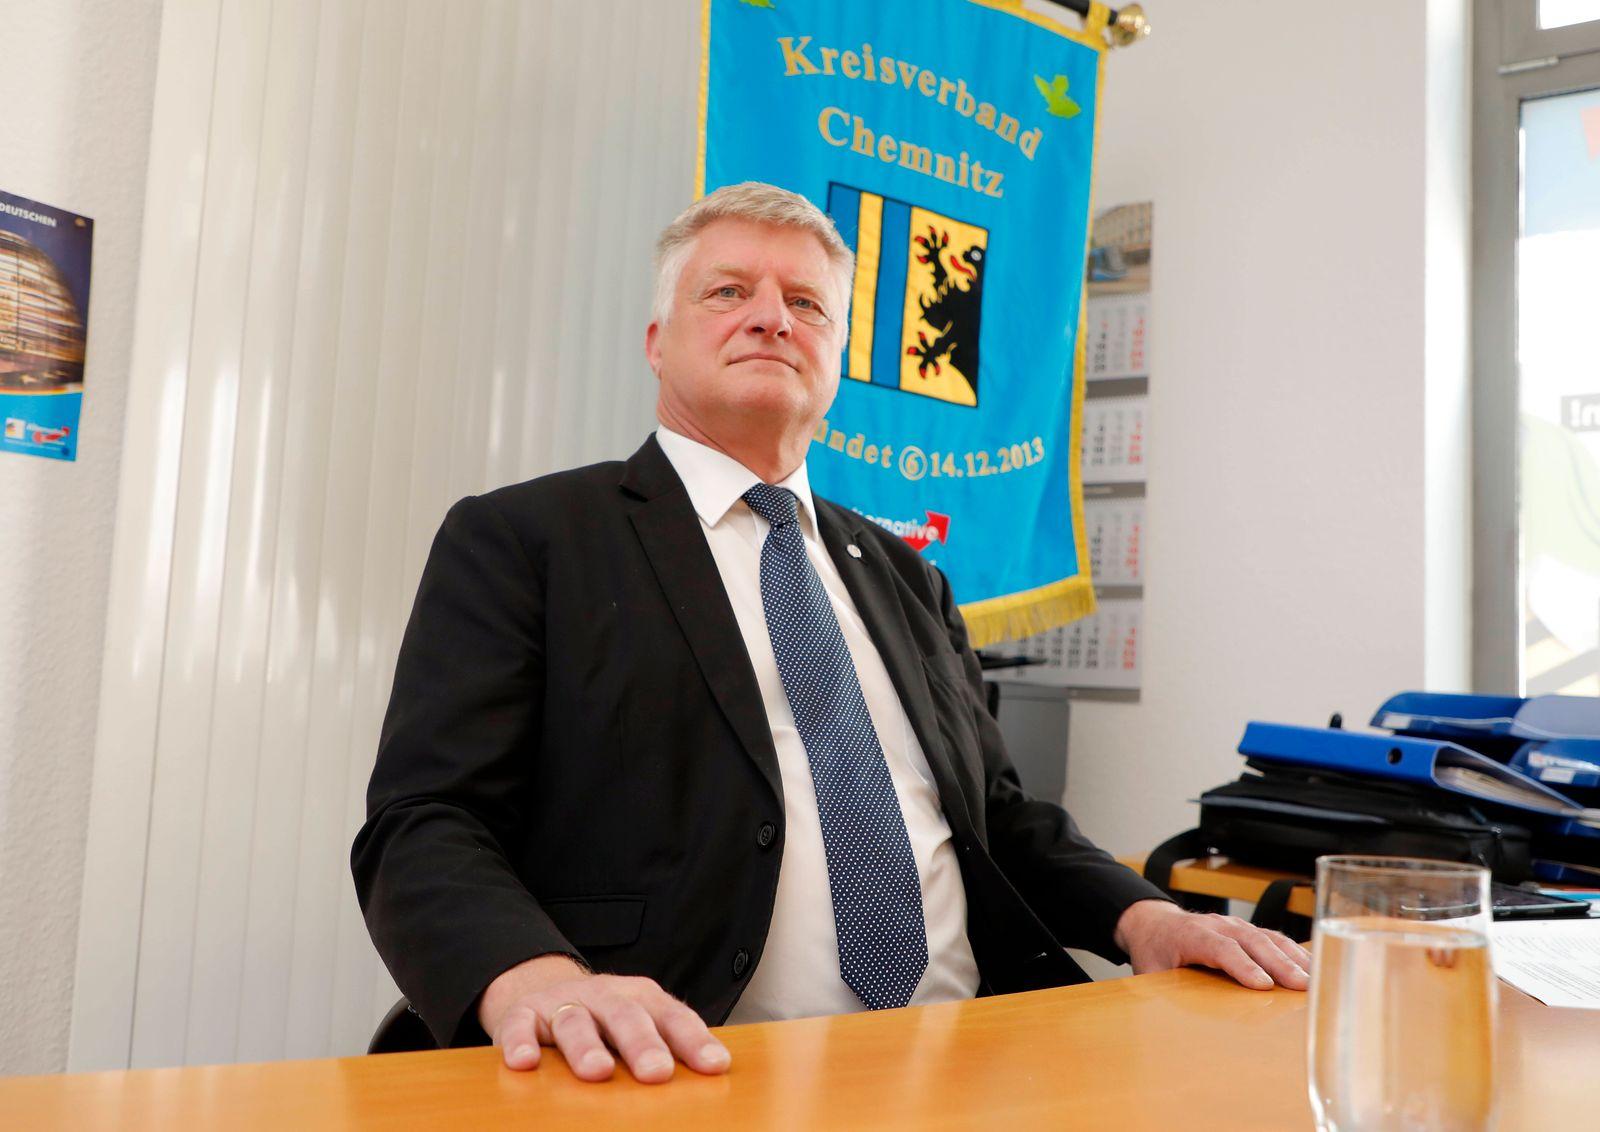 PK_ AfD 23.06.2020, Chemnitz, AfD, PK Ulrich Oehme (MdB) bewirbt sich als Kandidat der AfD für das Amt des Oberbürgerme